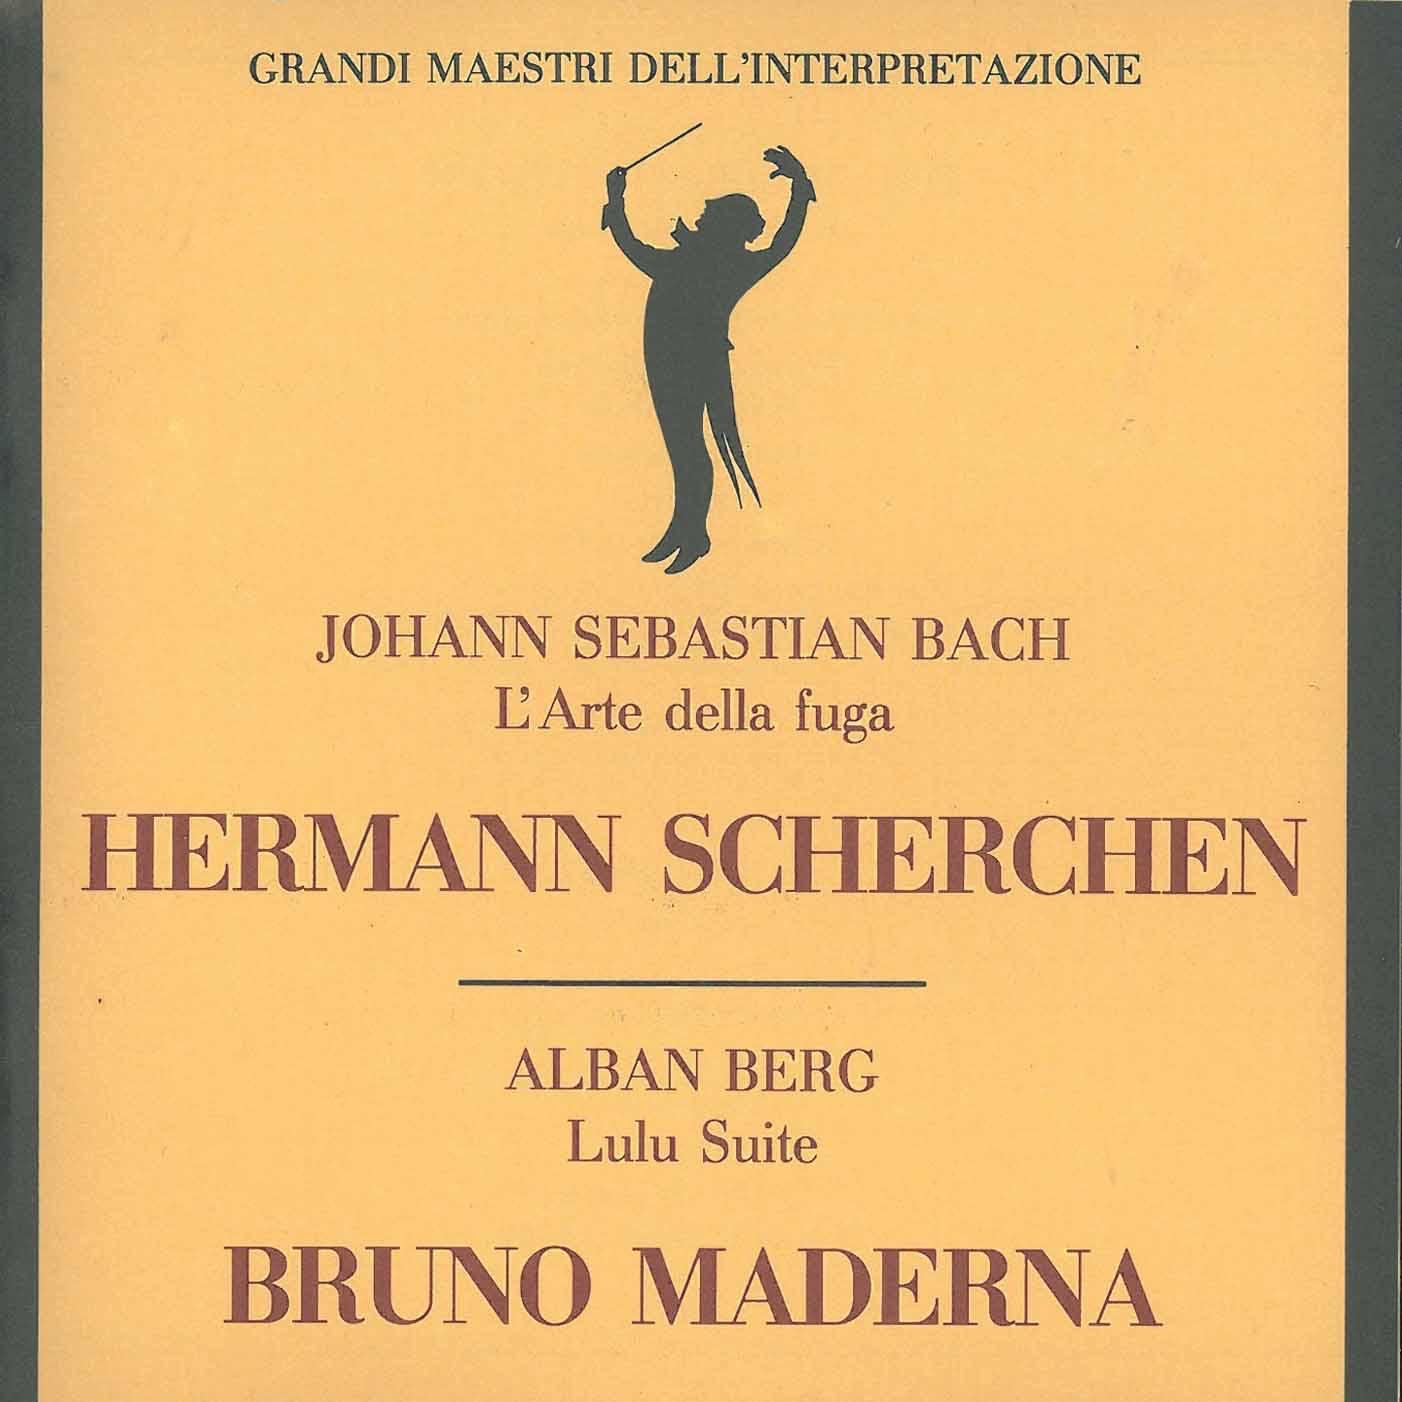 Die Kunst der Fuge, BWV 1080 (Arr. for Harpsichord & Orchestra): No. 4, Contrapunctus IV a 4, inversus [Live]